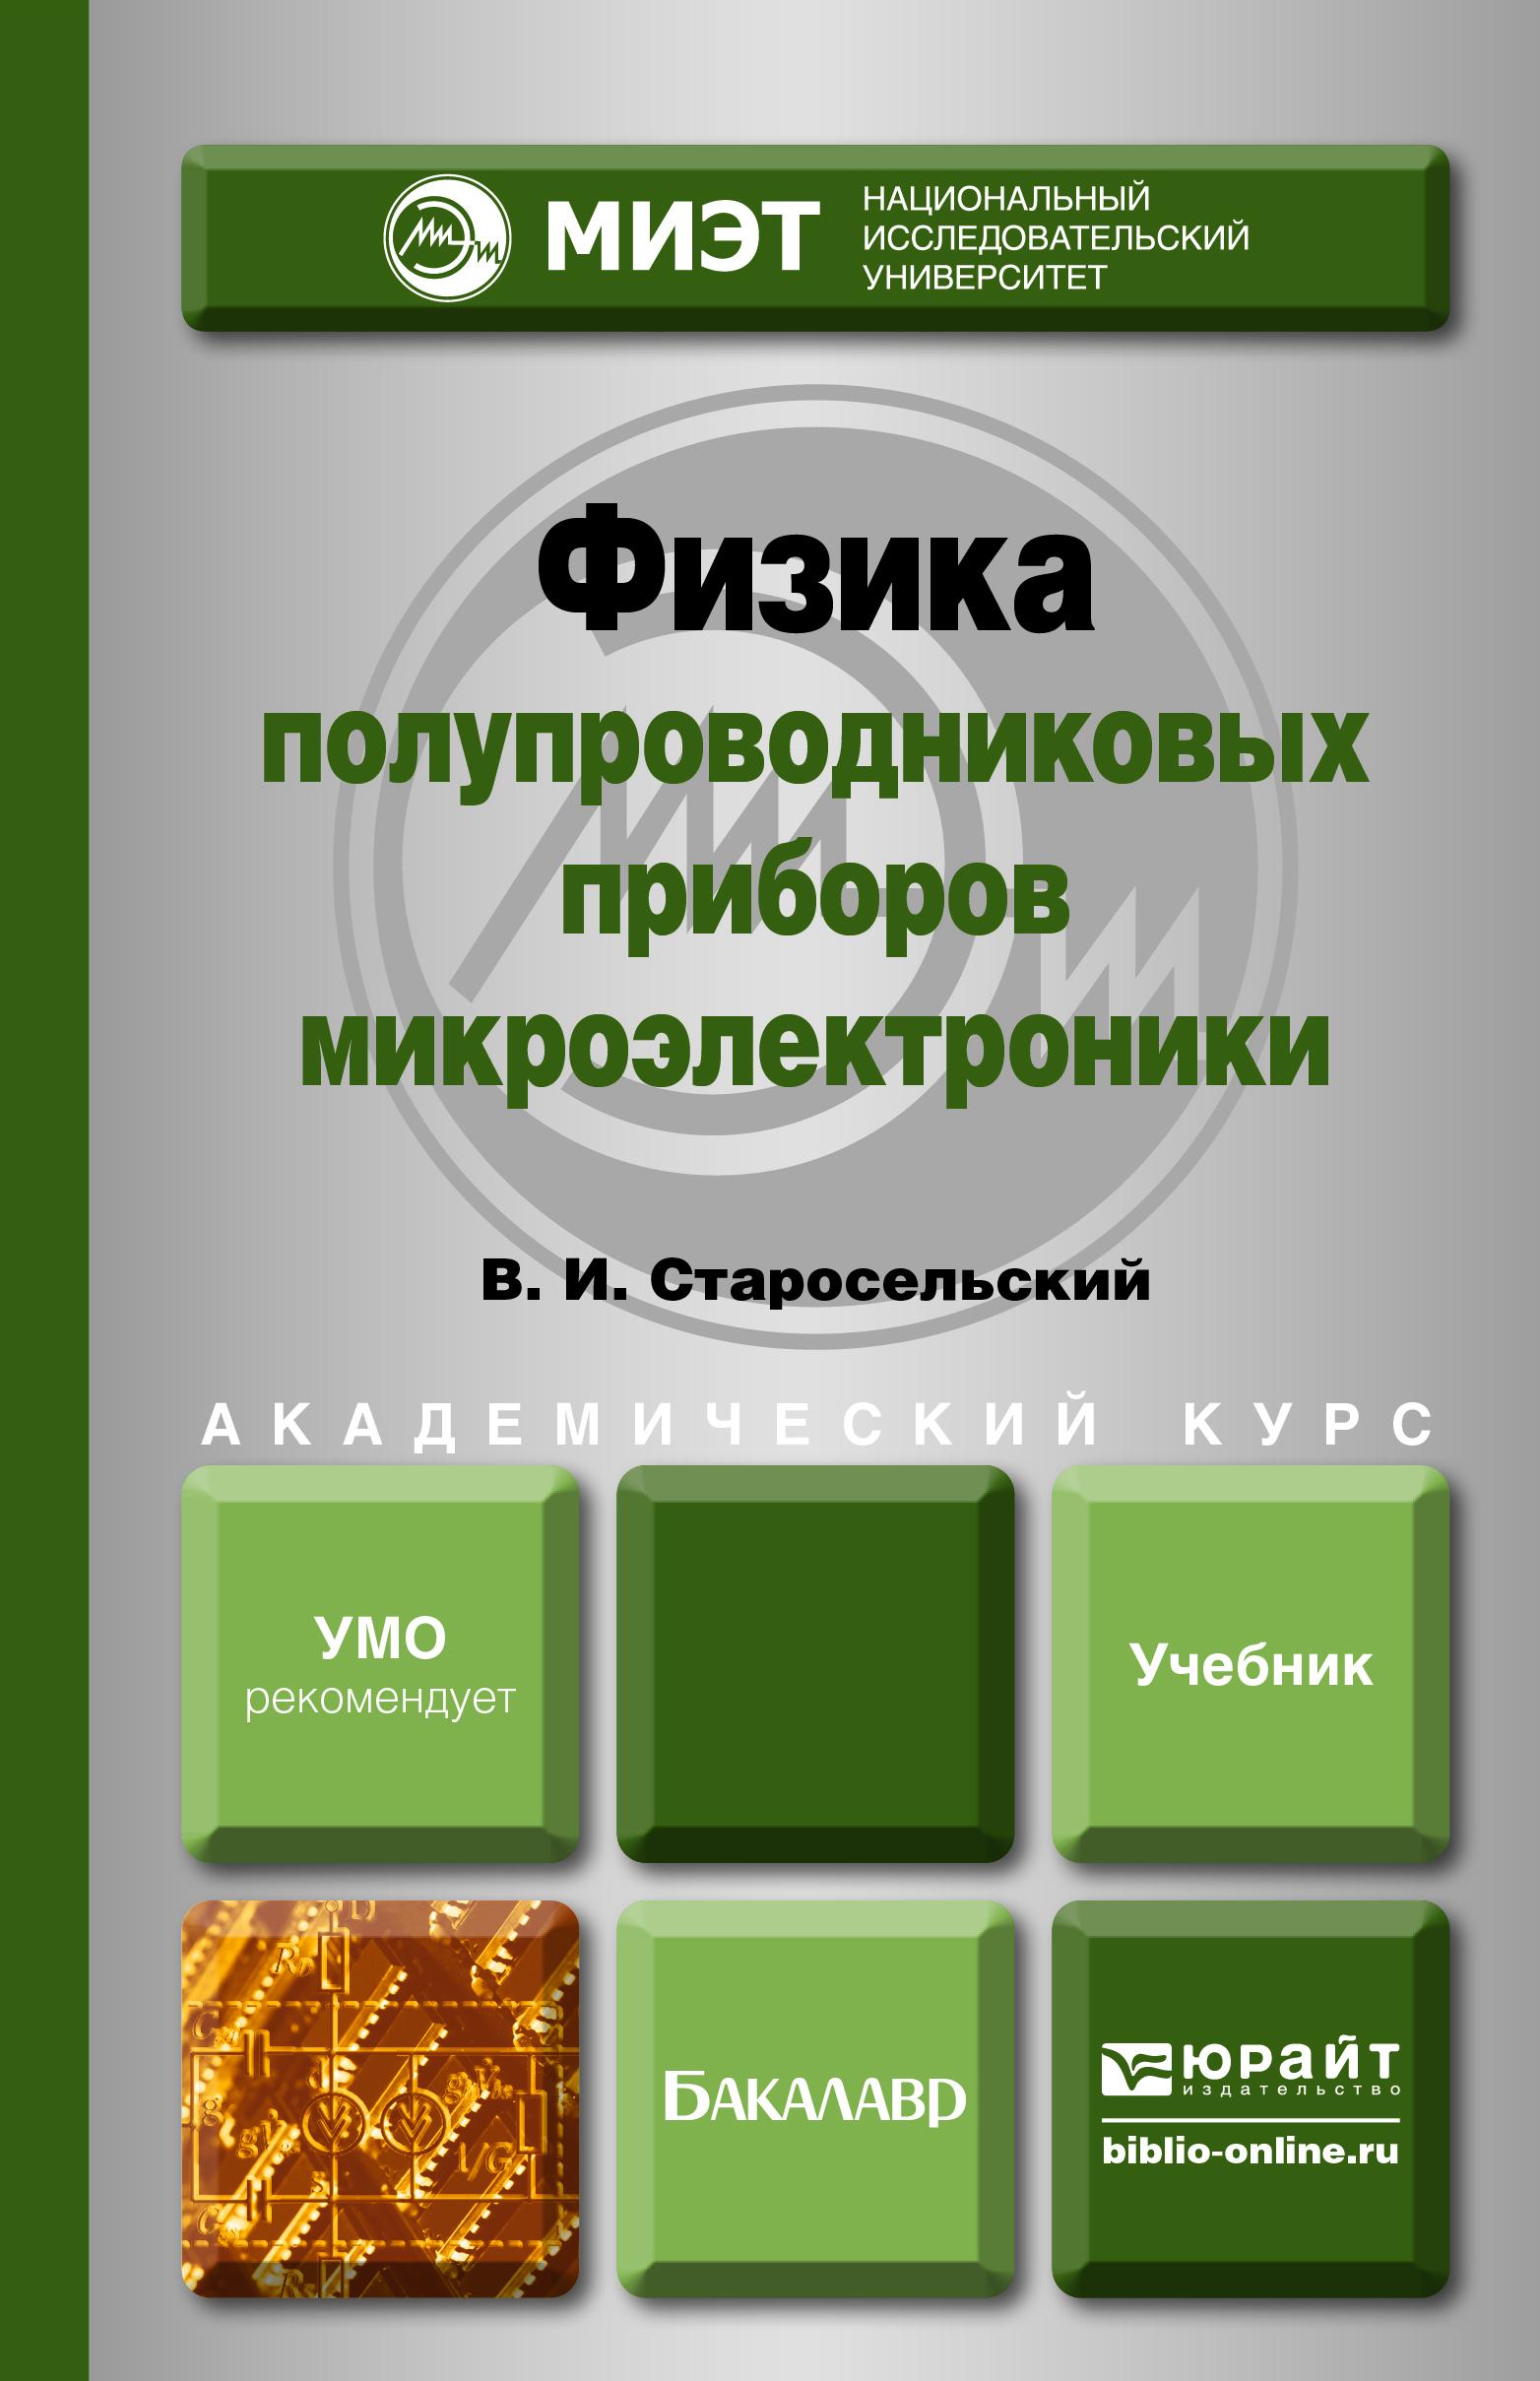 В. И. Старосельский Физика полупроводниковых приборов микроэлектроники. Учебное пособие